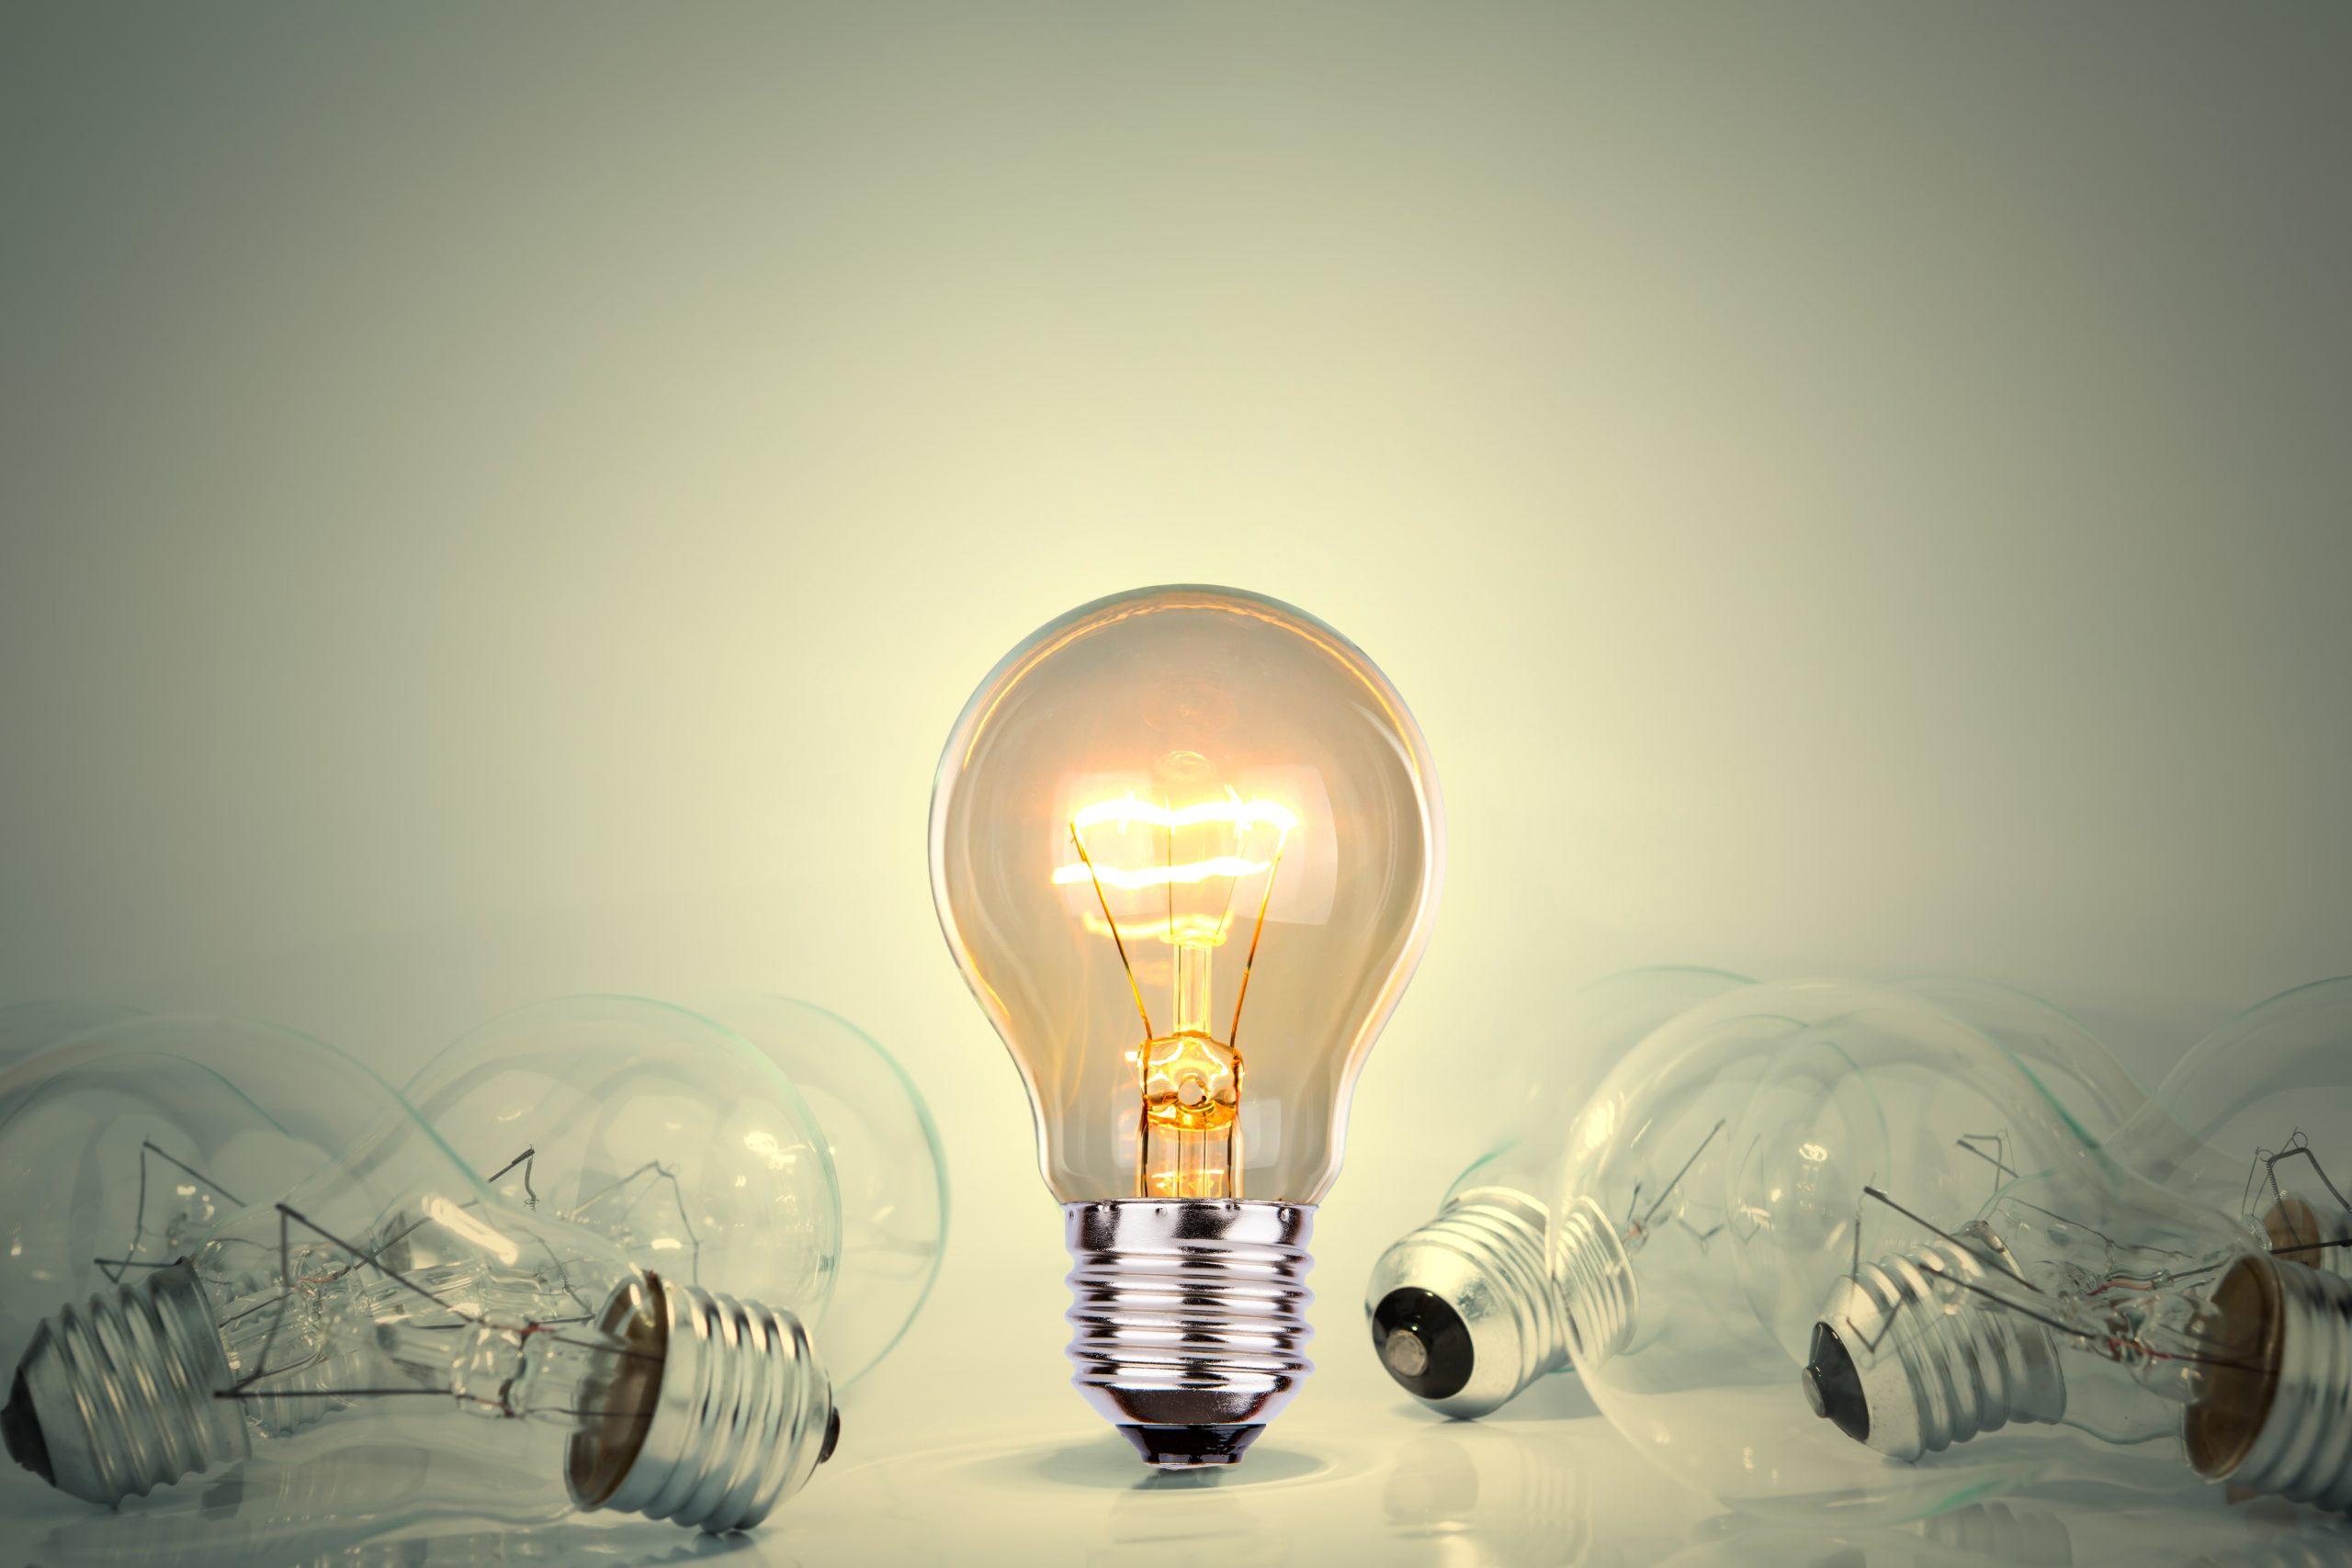 Ampoule allumée parmi d'autres